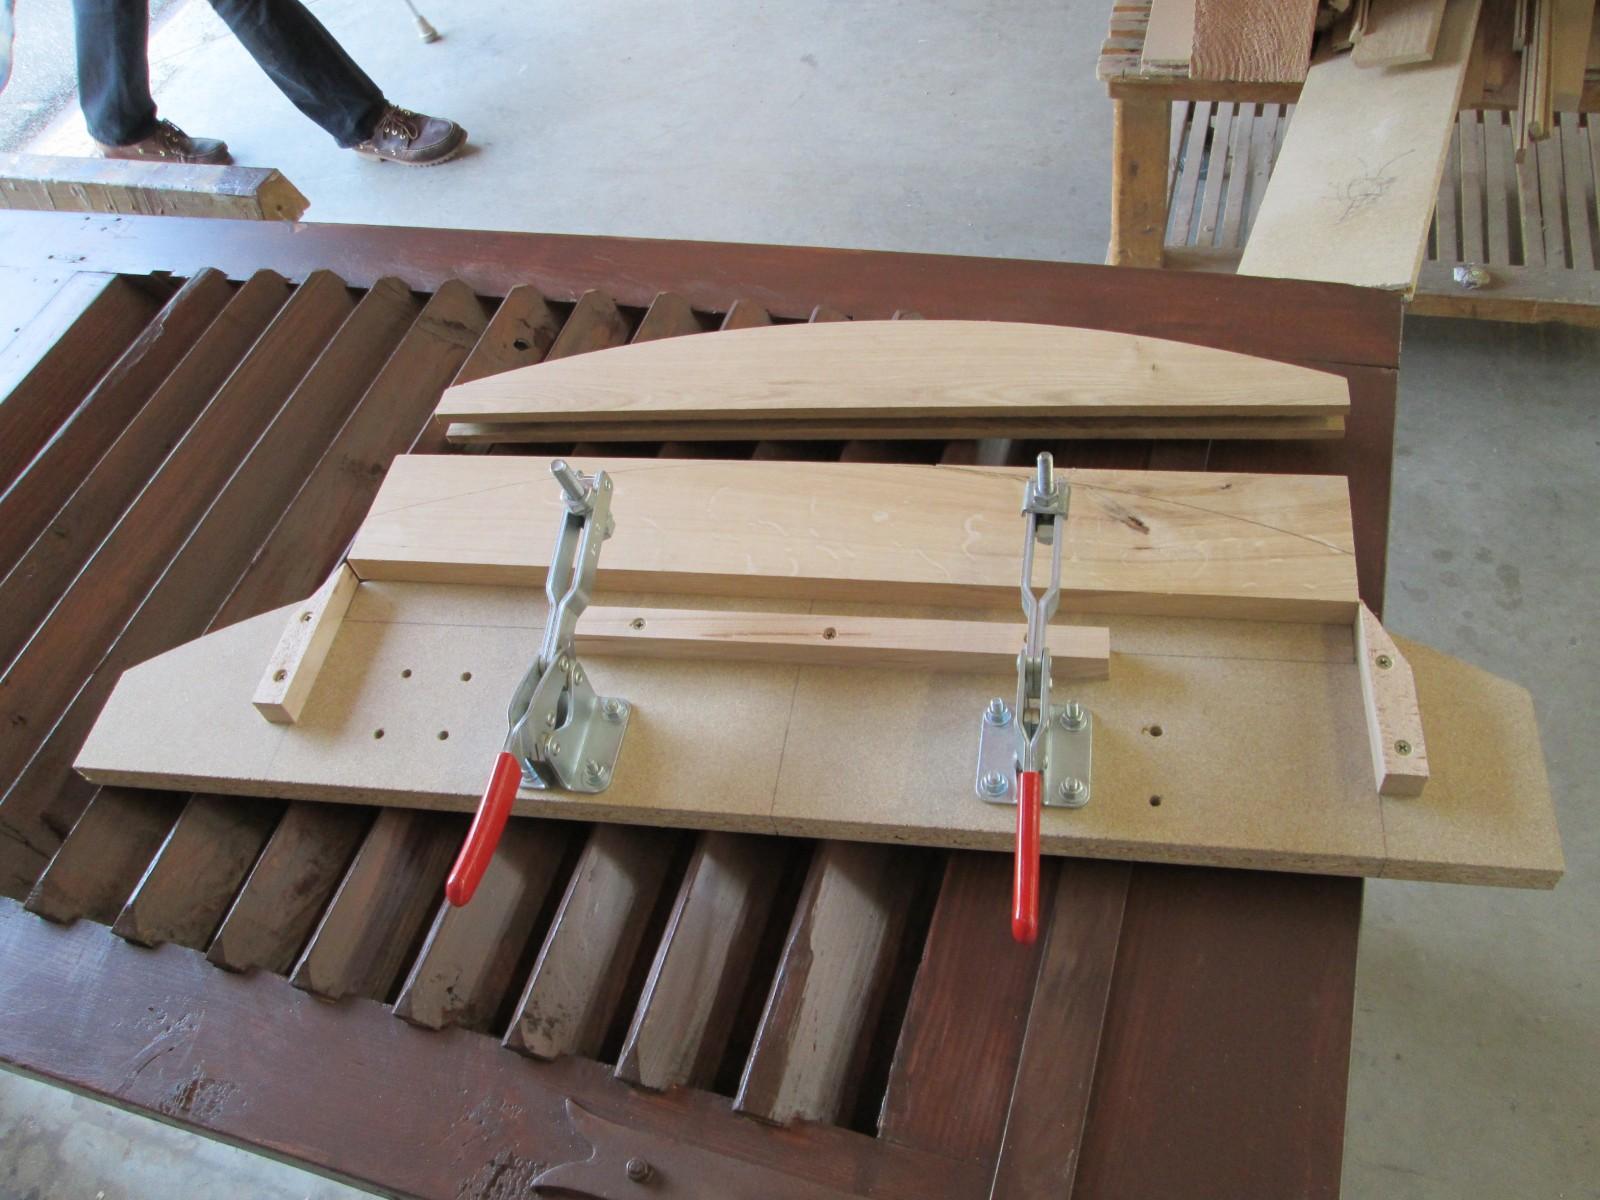 Montage pour la réalisation des arondis de toiture